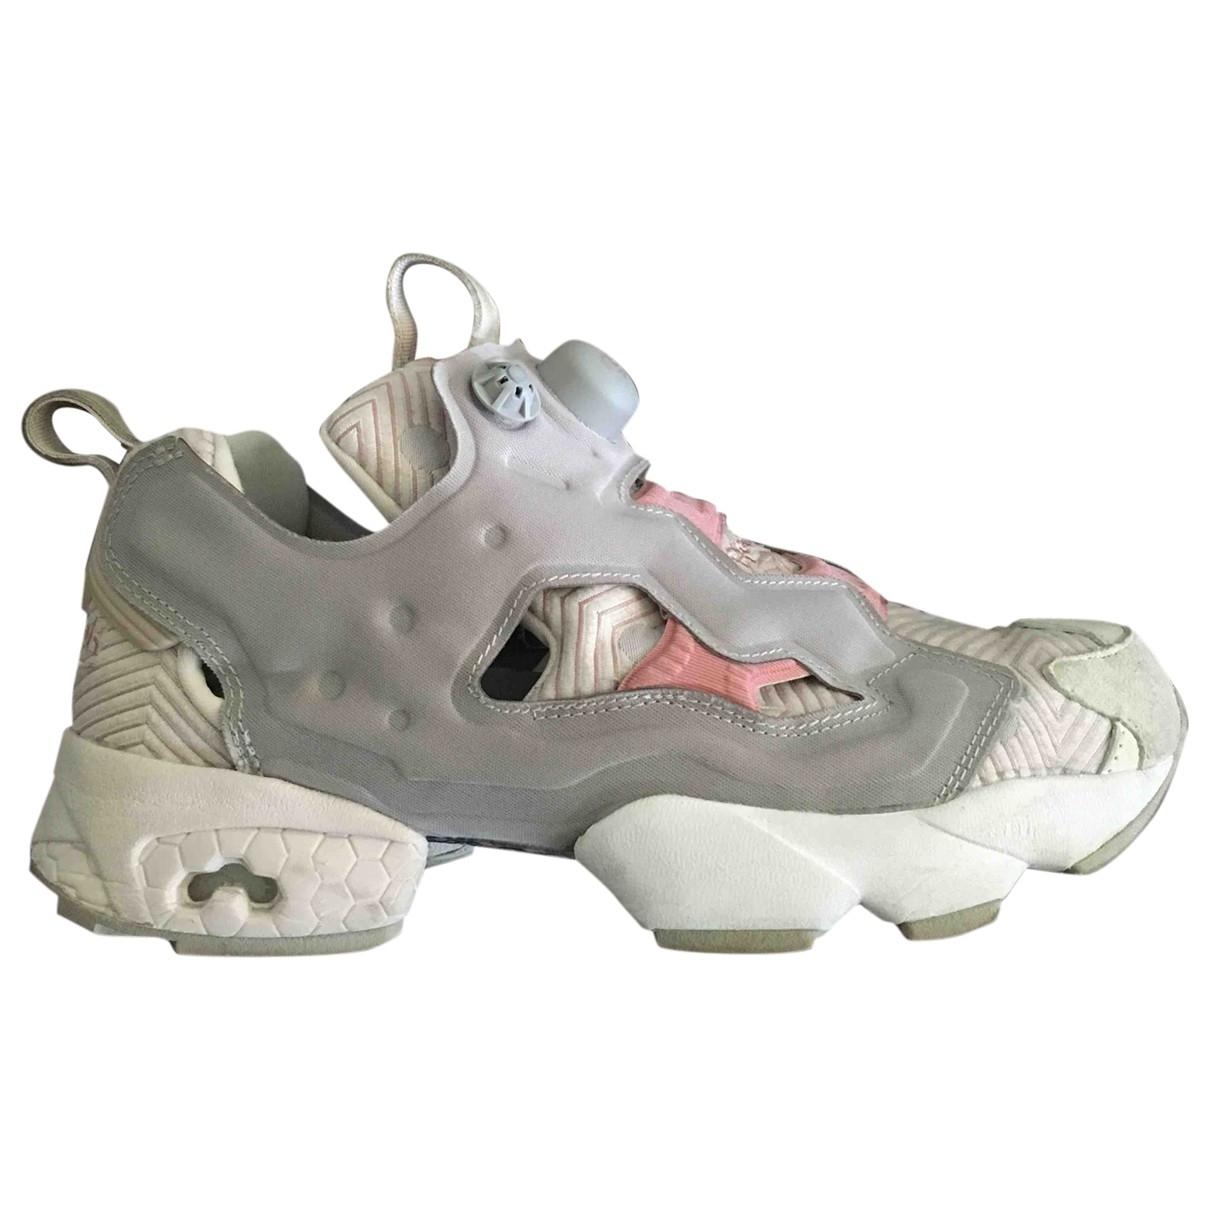 Reebok - Baskets   pour femme - gris